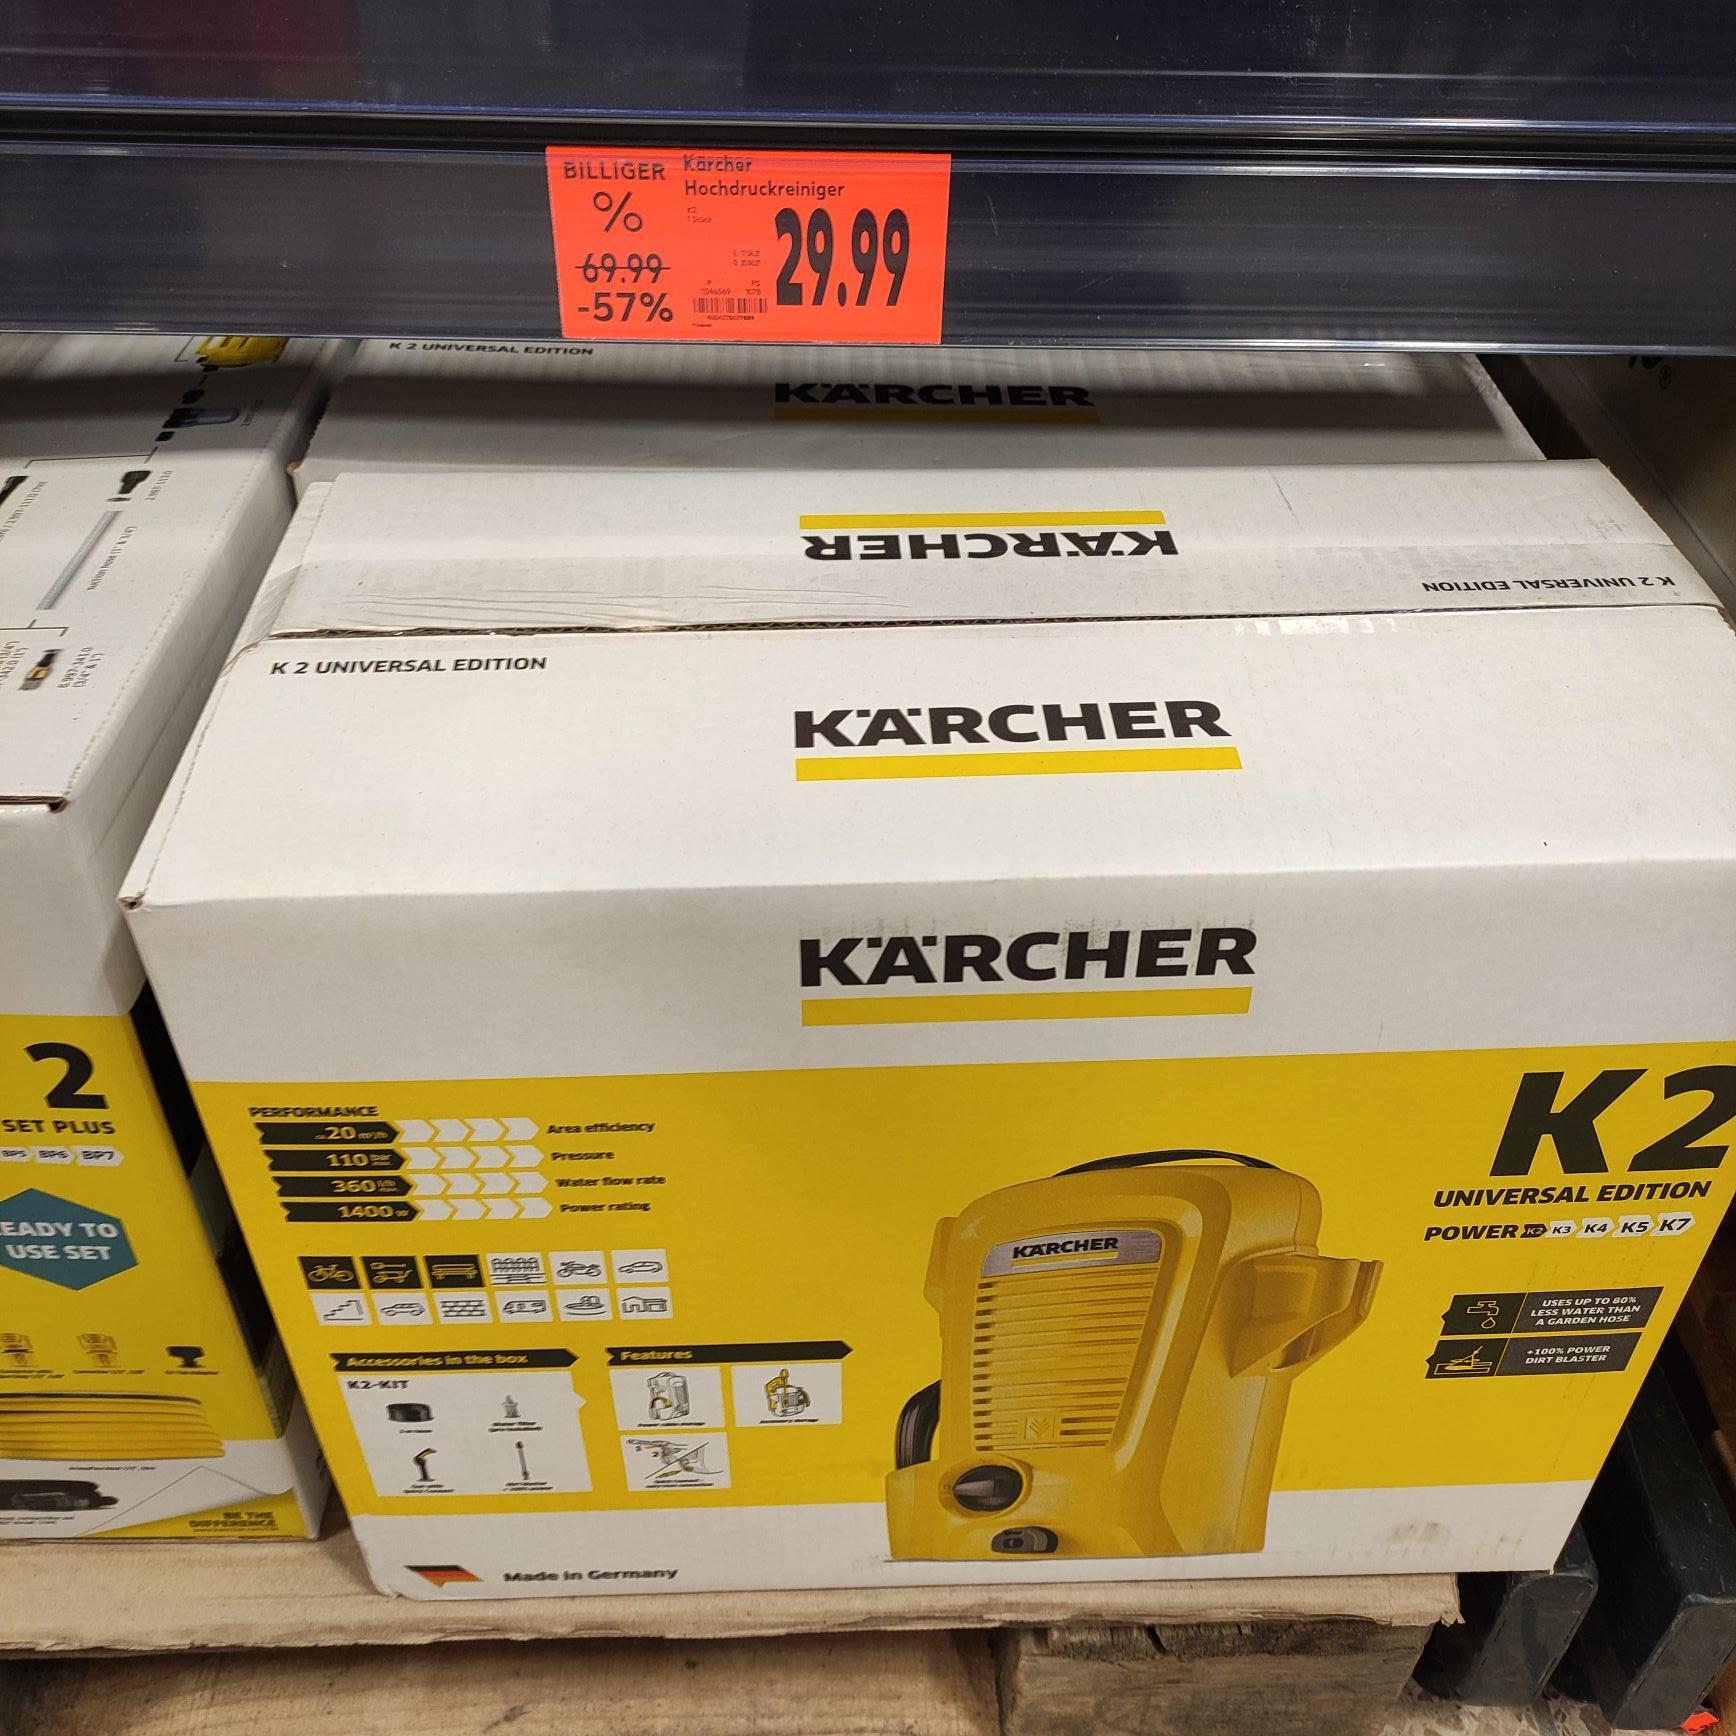 Kärcher K2 Universal Edition @kaufland Herford